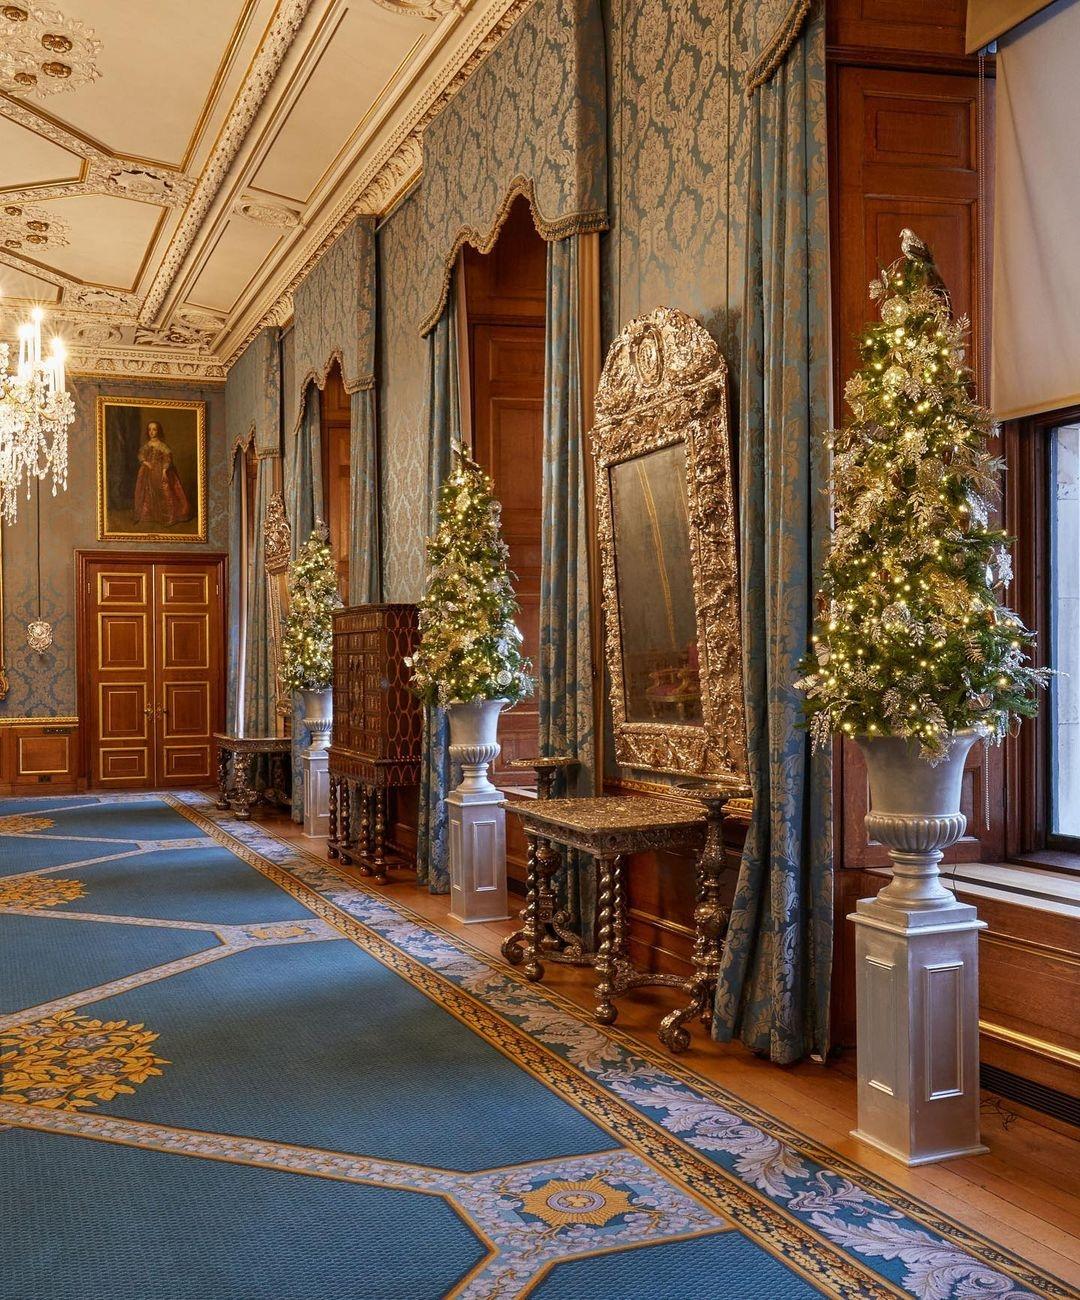 Настоящая сказка для Елизаветы II: смотрите, как украсили Виндзорский замок к Рождеству (ФОТО) - фото №3